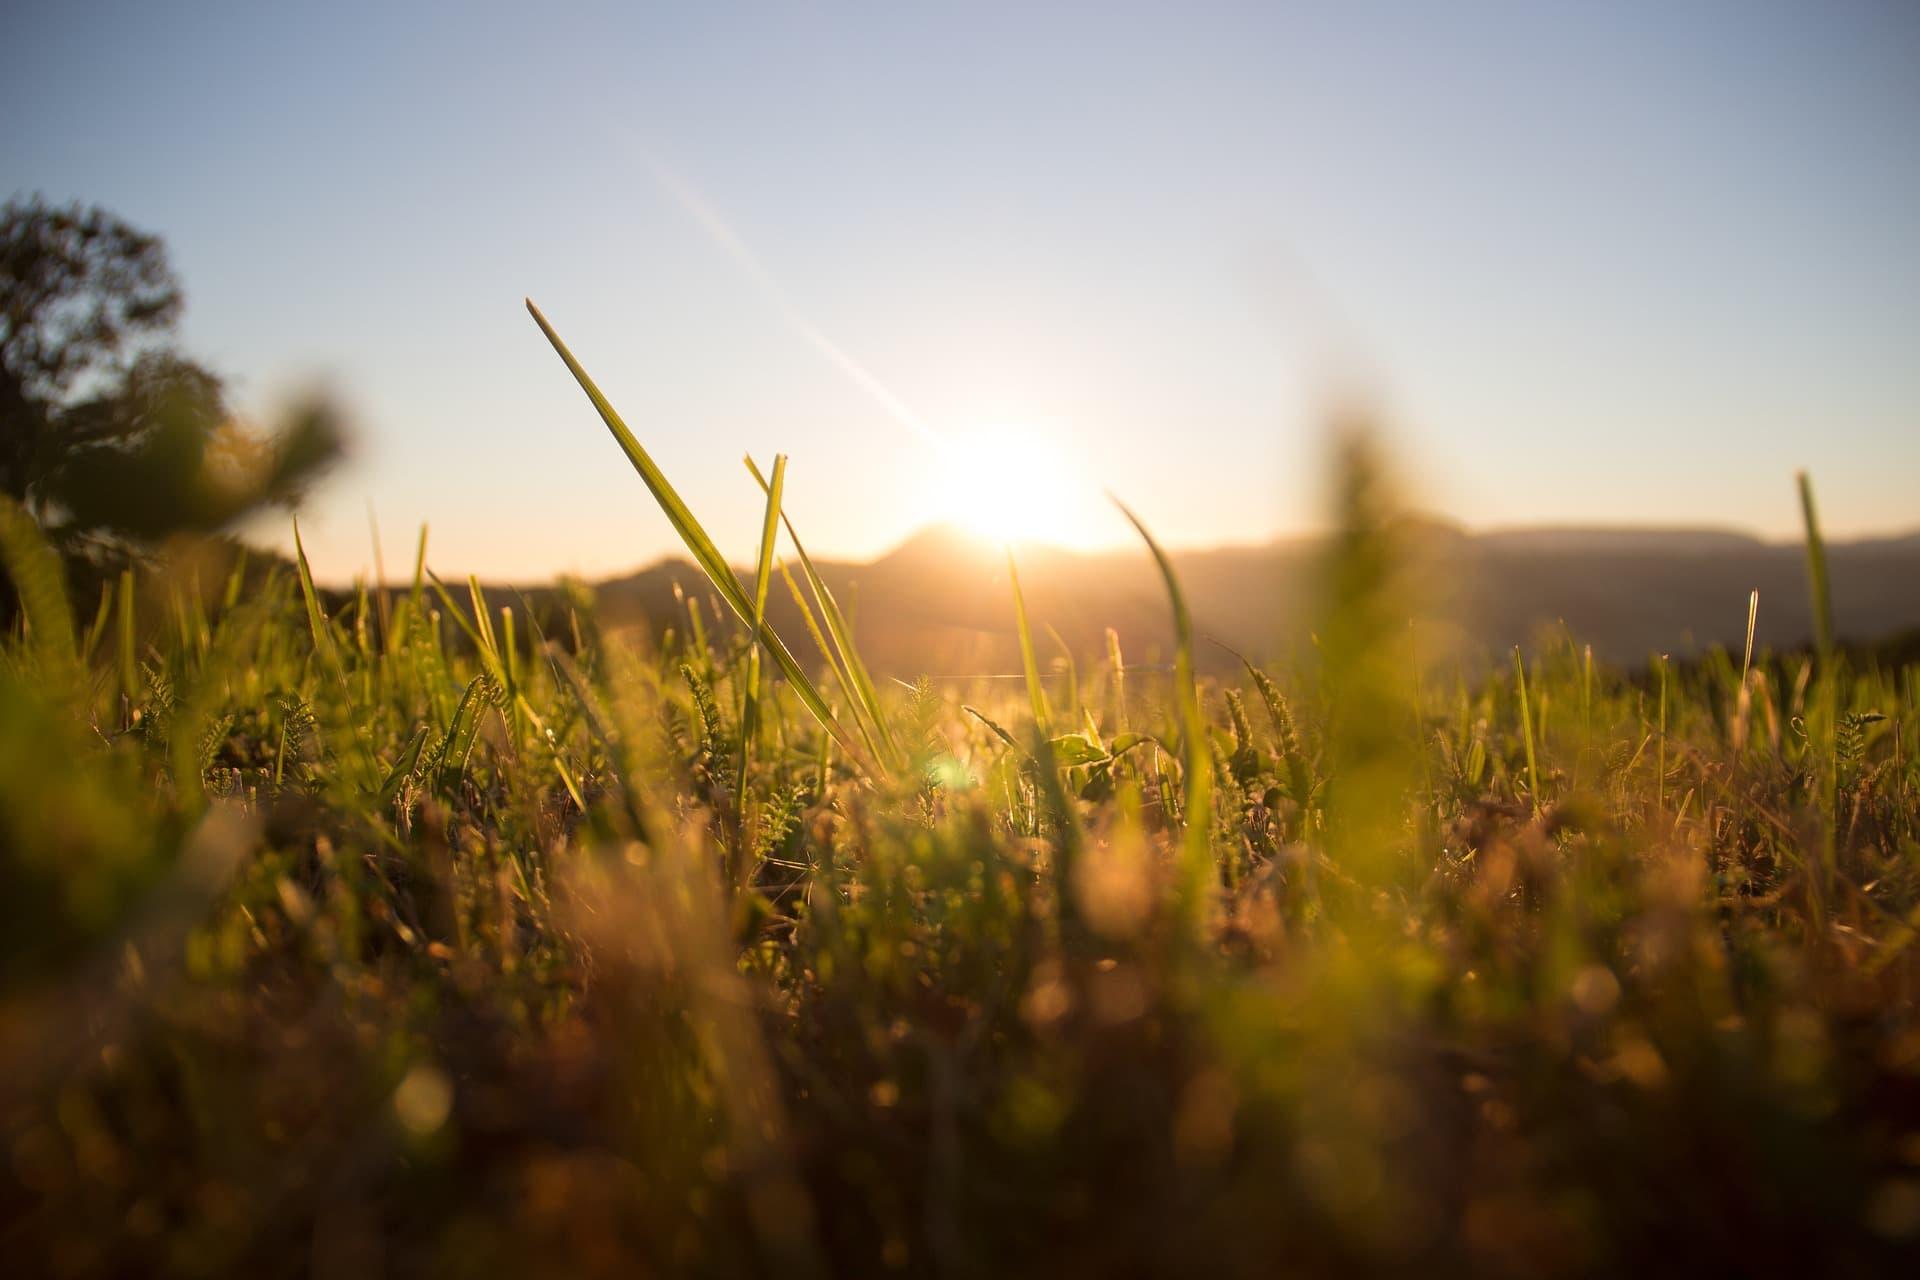 Naturbewusstseinsstudie: Deutsche sind für Schutzgebiete und gegen Gentechnik in der Landwirtschaft